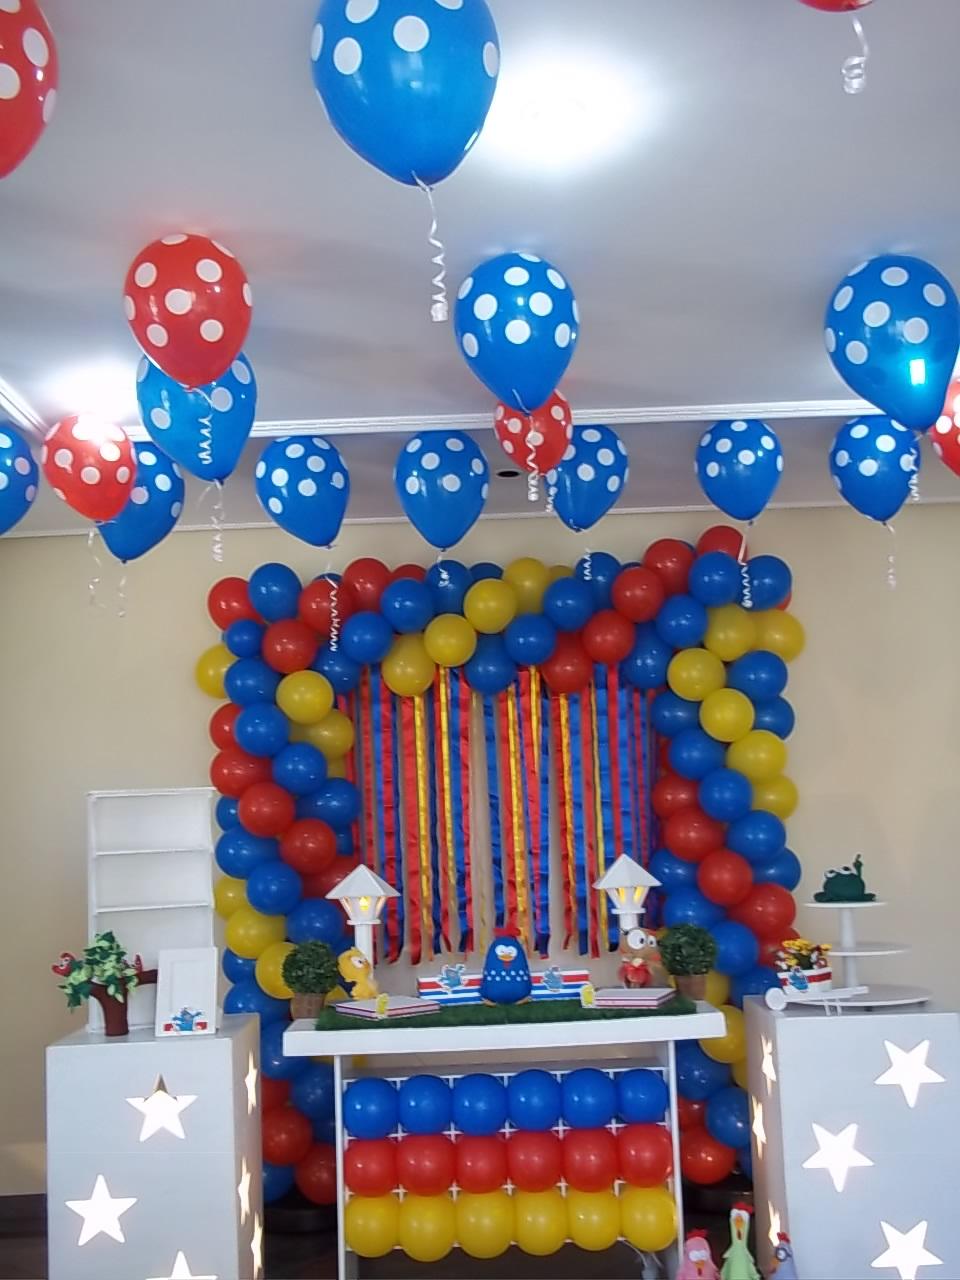 festa jardim da clarilu : festa jardim da clarilu:abá Festas: Decoração da Galinha Pintadinha